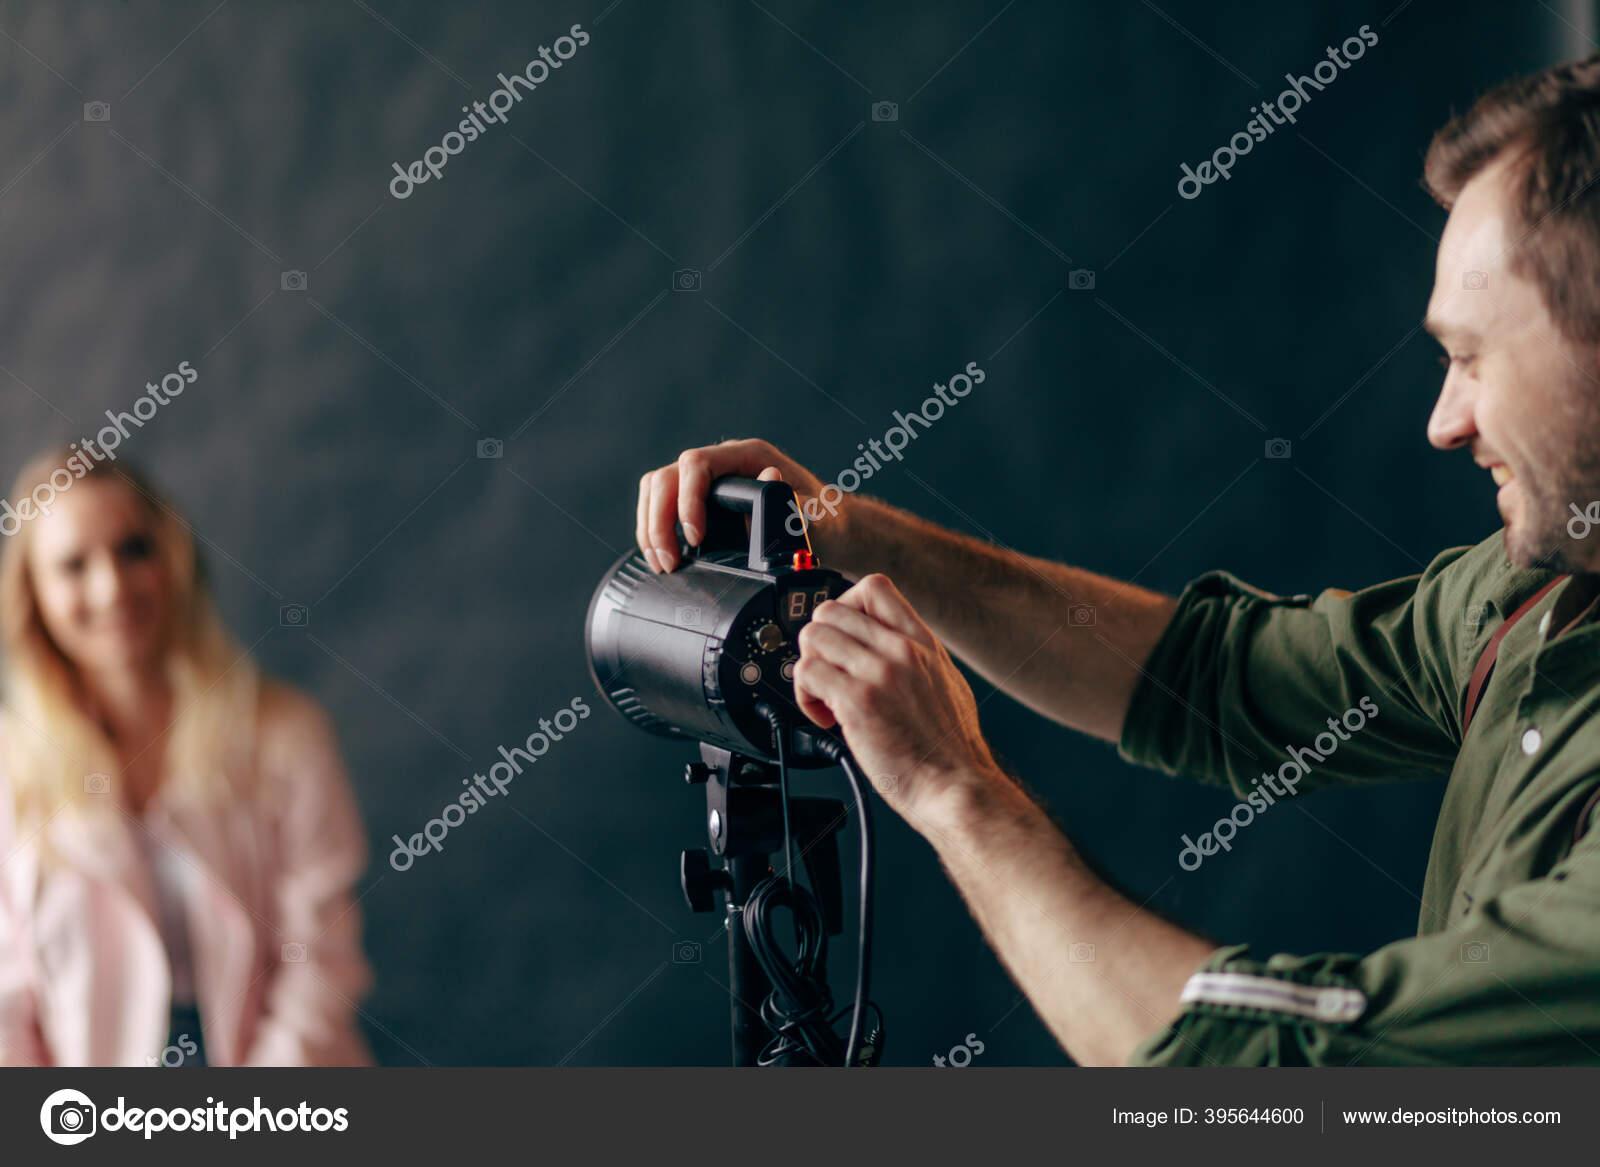 полуприлегающего силуэта чем плохо фотографировать на студии без вспышки стоимость